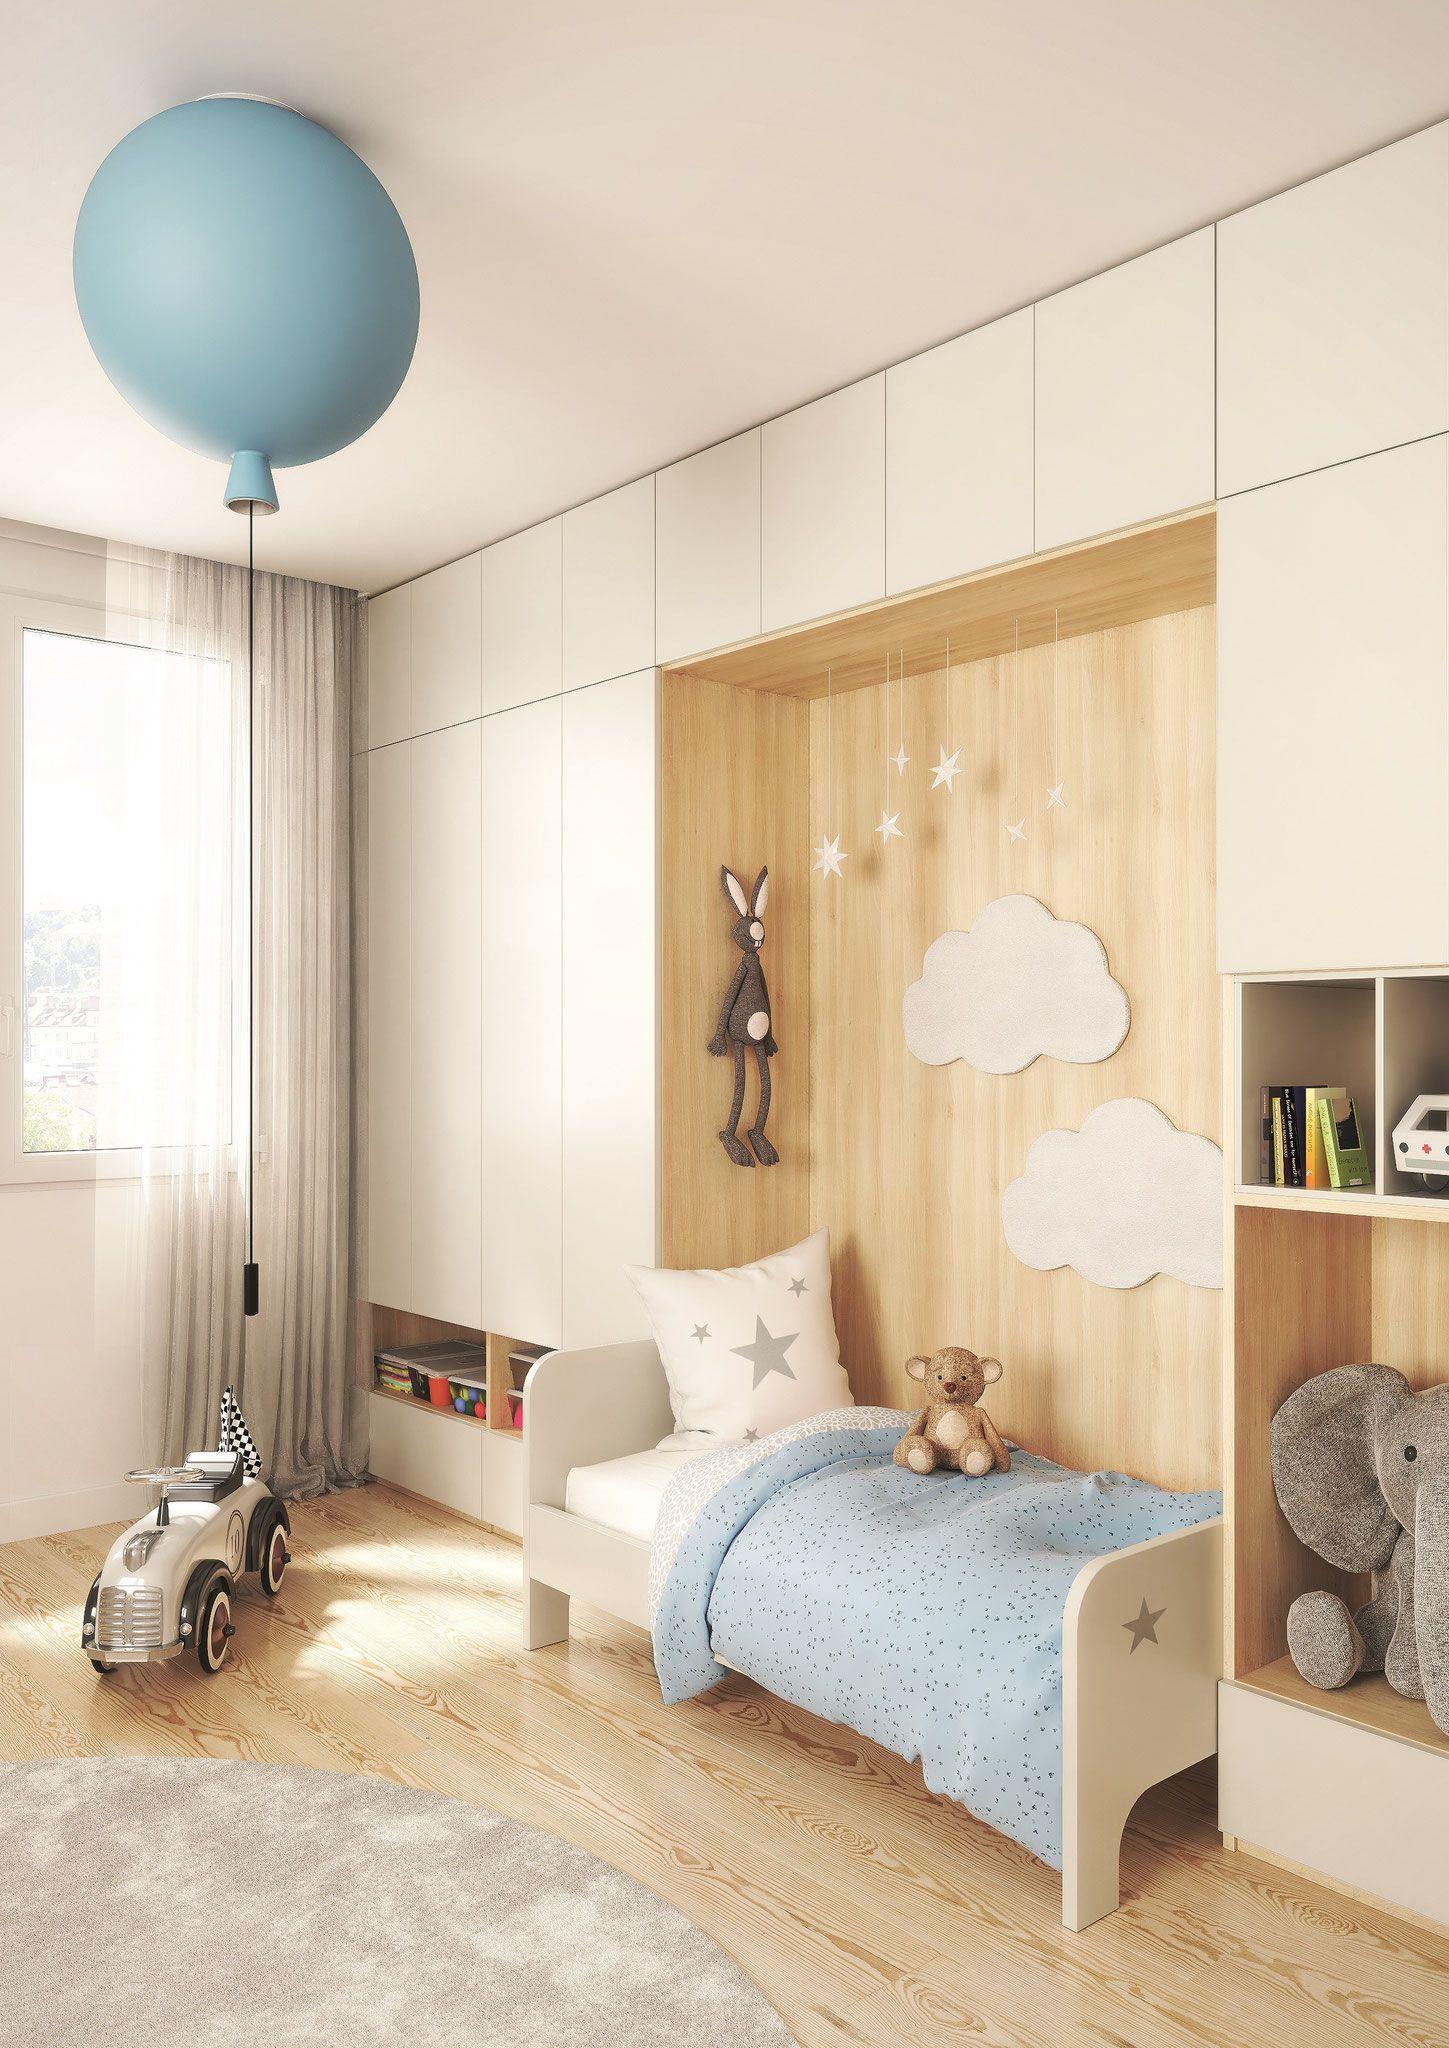 Collection 2019 2021 En 2020 Placard Chambre Enfant Amenagement Placard Chambre Meuble Rangement Chambre Enfant